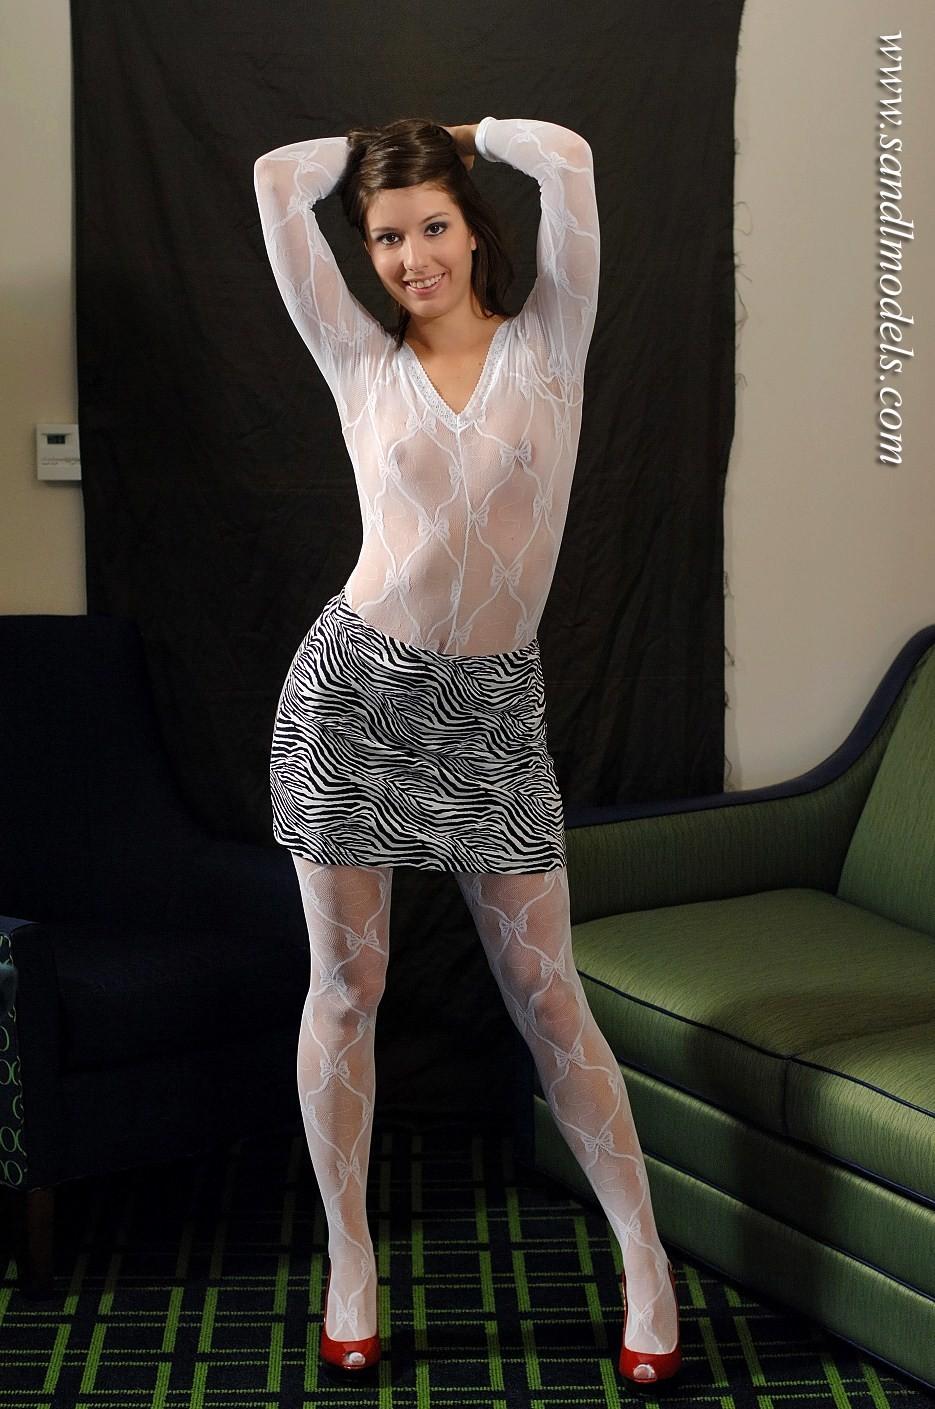 Модель с крохотными сиськами в прозрачном белоснежном капроновом костюме